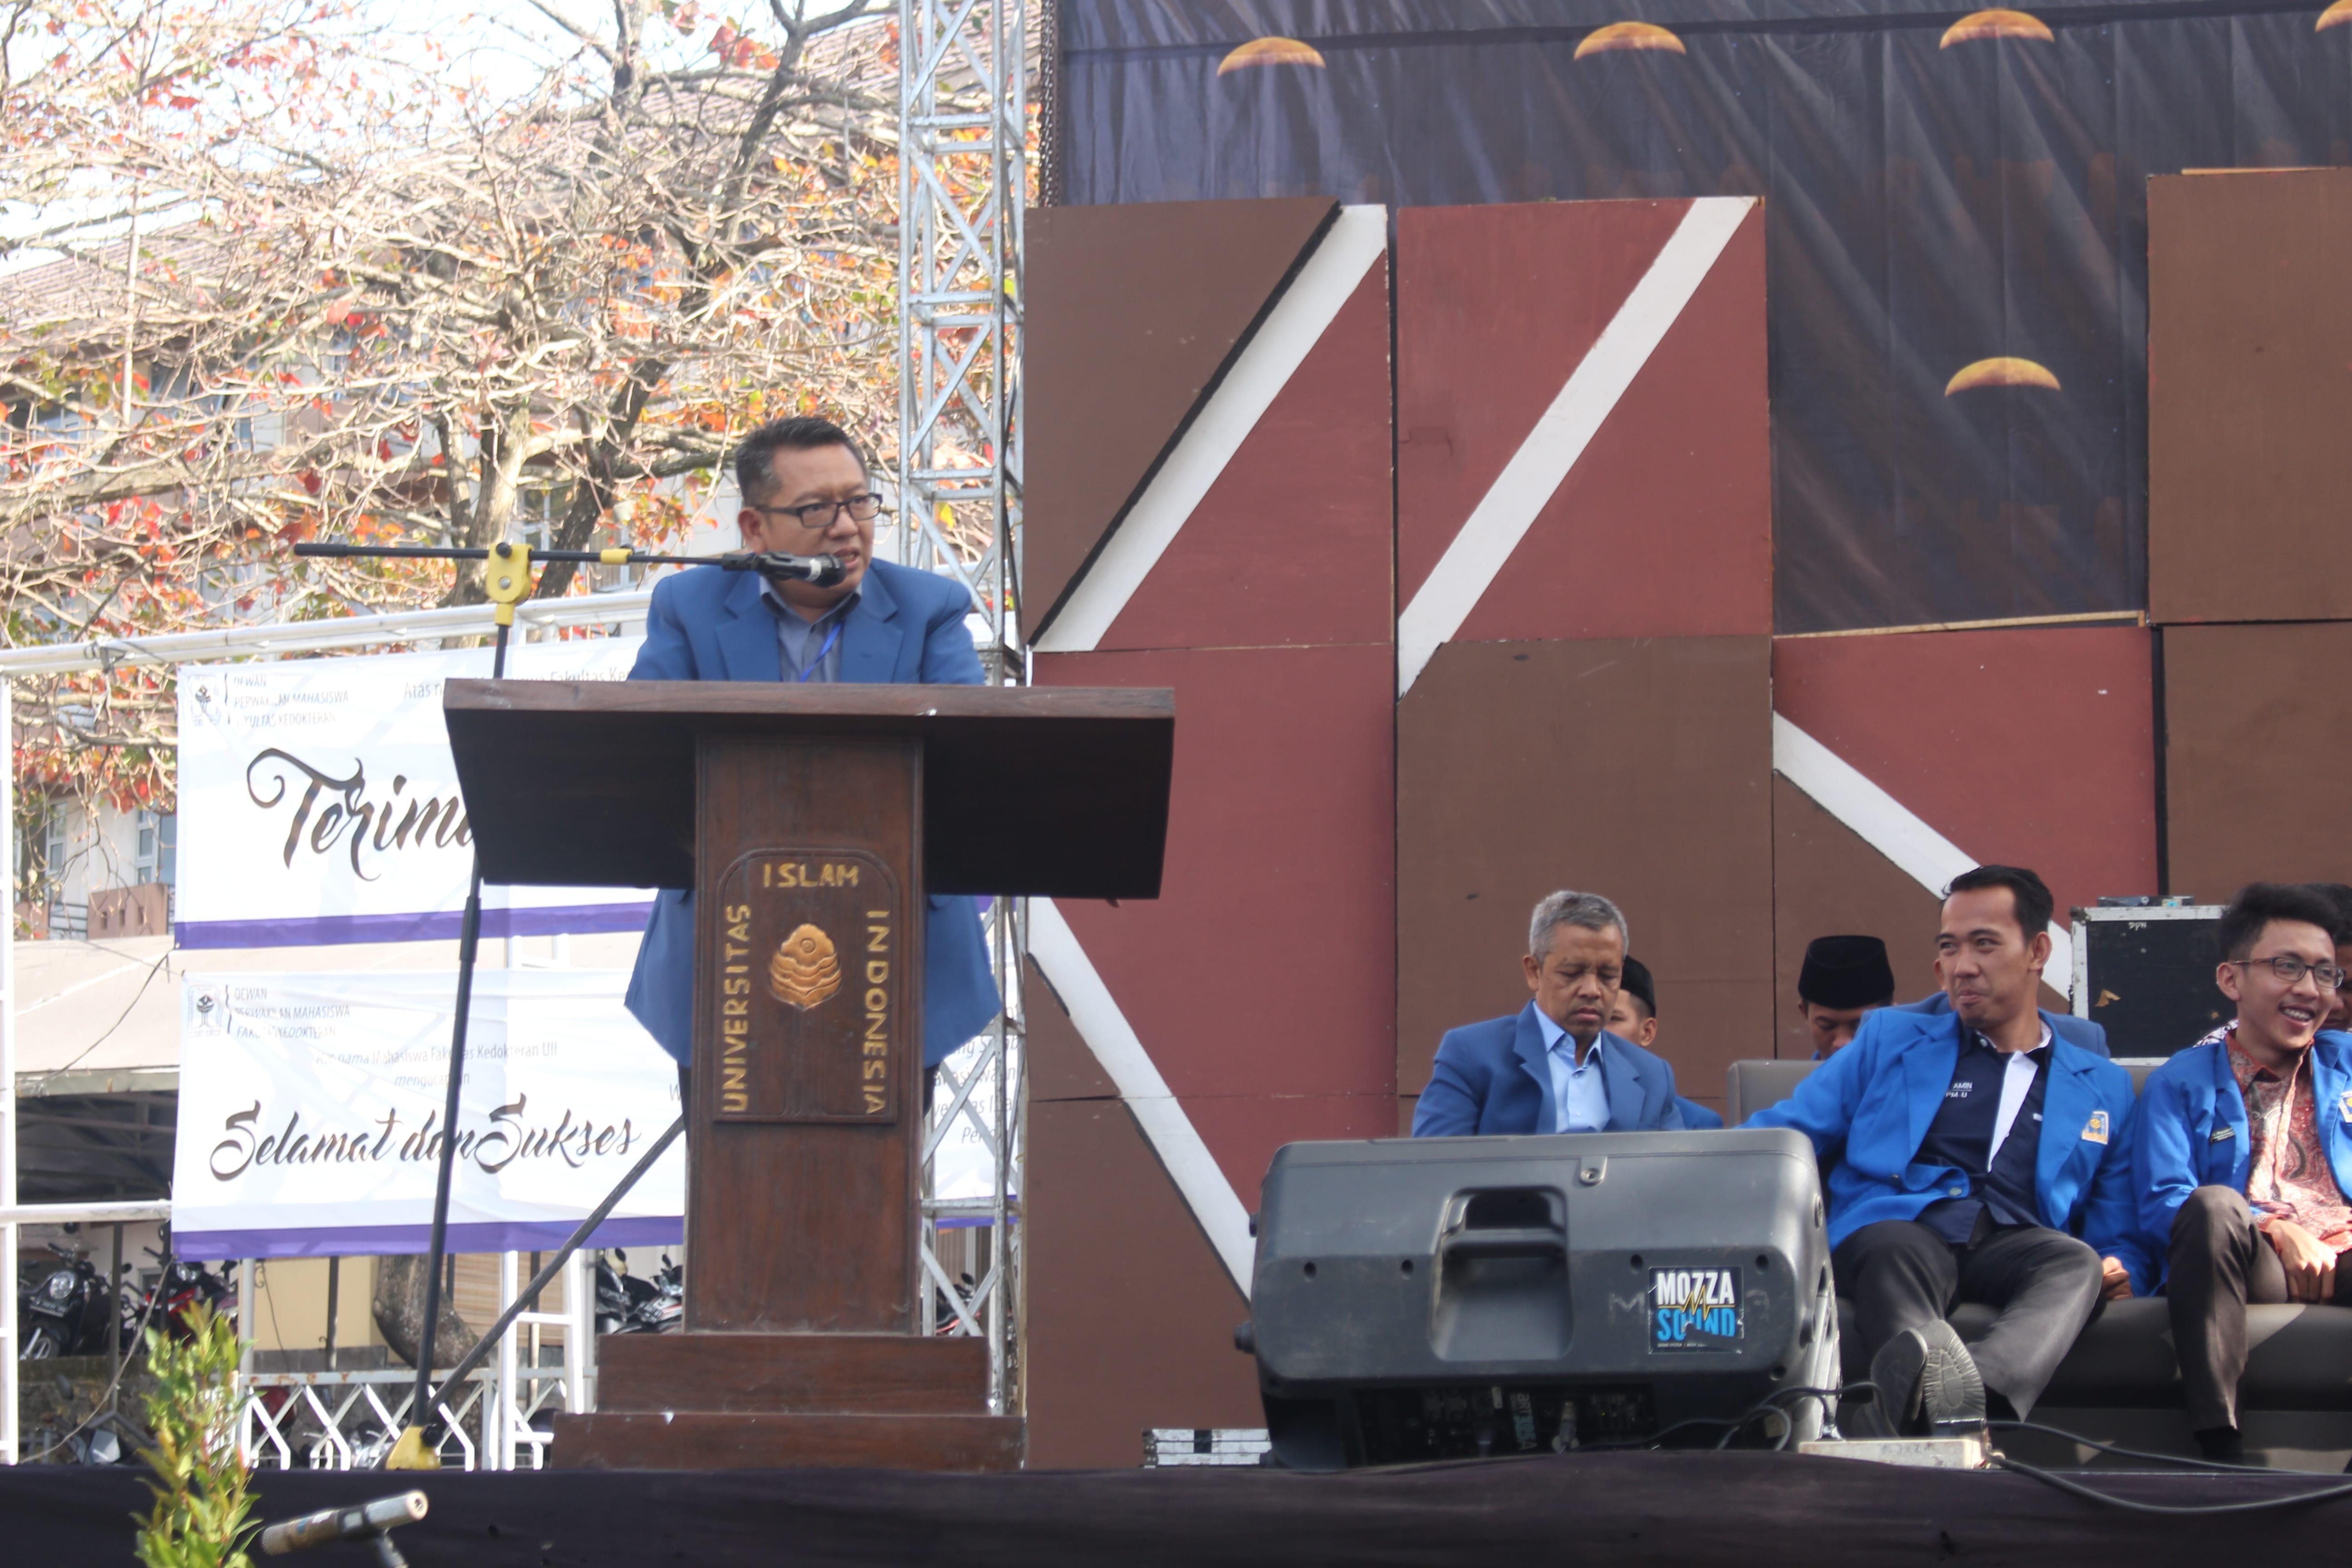 """Rabu (15/08/2018) Rektor UII, Fathul Wahid,  memberikan sambutan kepada mahasiswa baru dan beliau berpesan, """"Saudara jangan hidup dibawah bayang-bayang masa lalu, jadikan masa lalu sebagai sumber semangat dan cermin, desainlah masa depan saudara."""" (Foto : Rintan/Ekonomika)"""